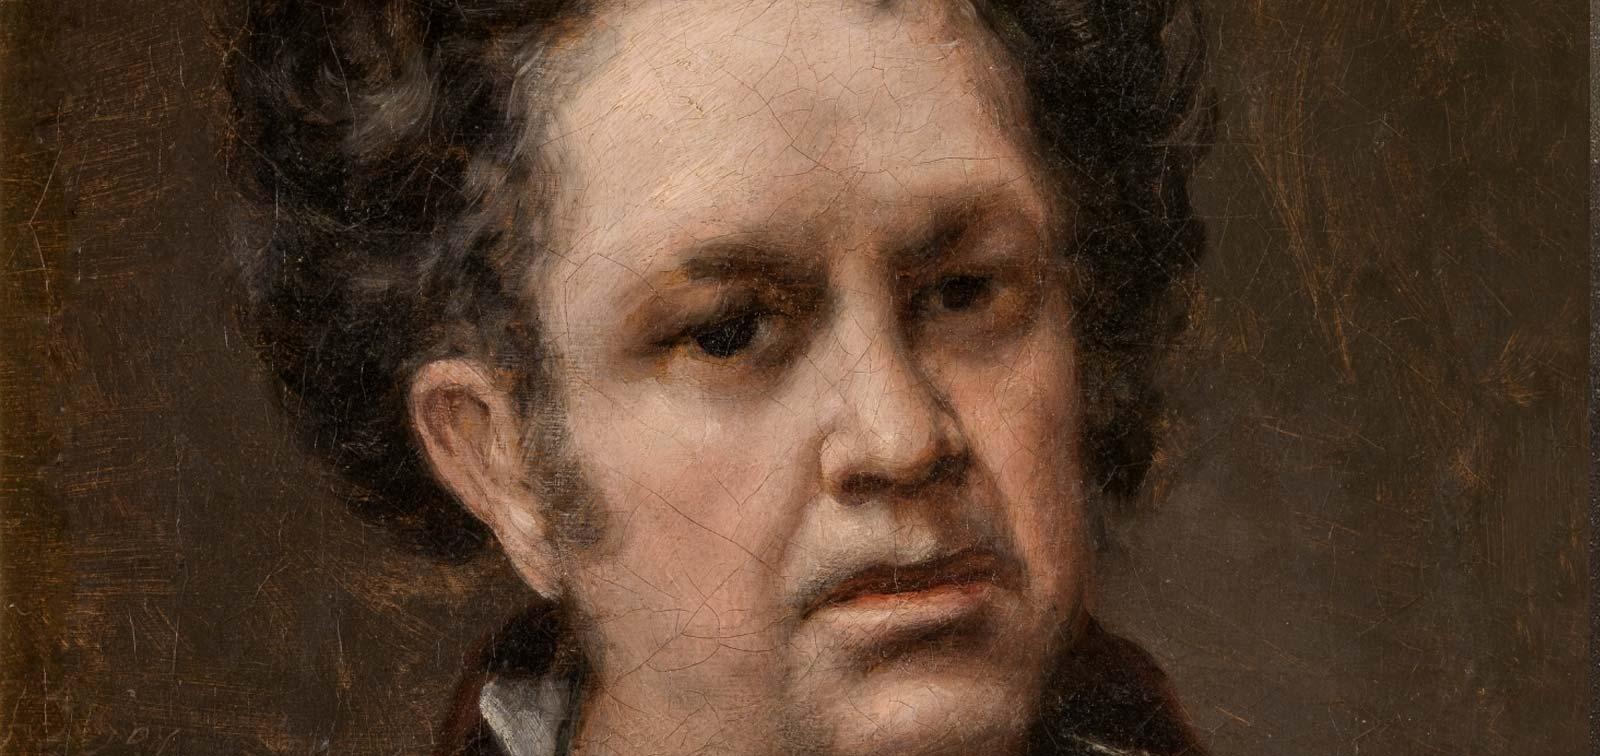 Te quiero en pintura: retratos con emoción. Parada IV. Goya